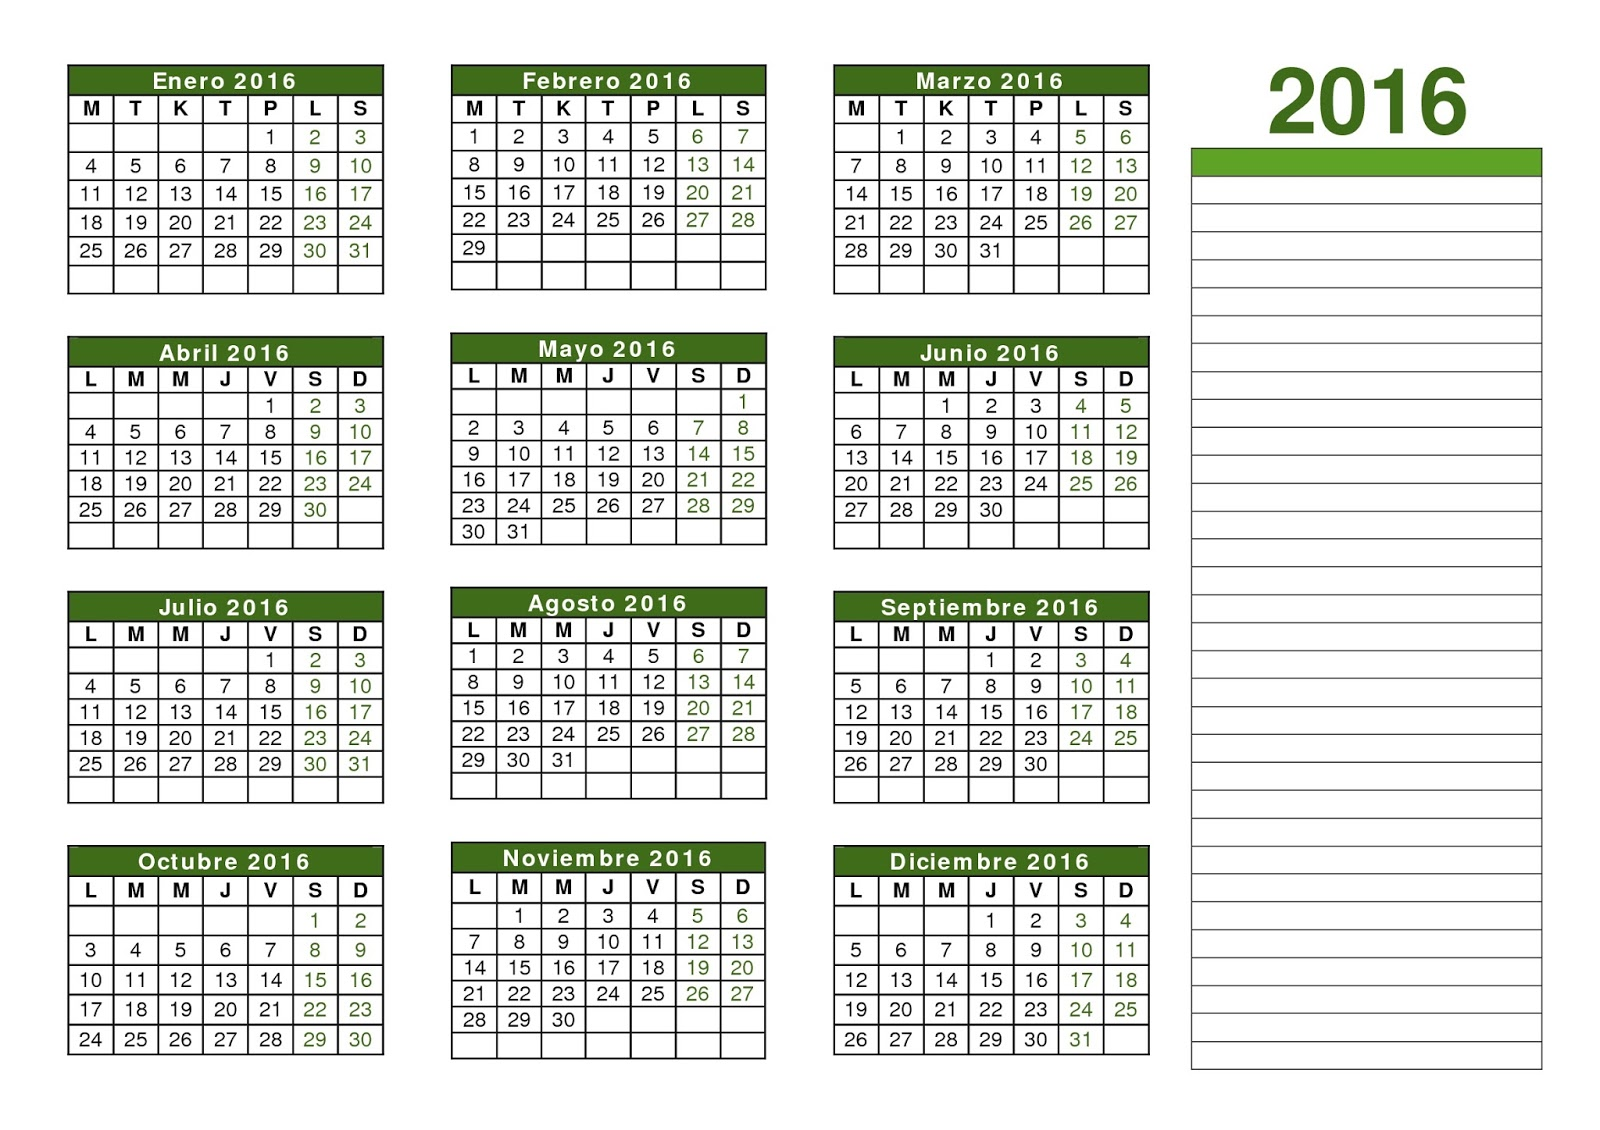 Calendario Con Festivita.Calendario Calendario 2016 Con Festivita E Ponti Da